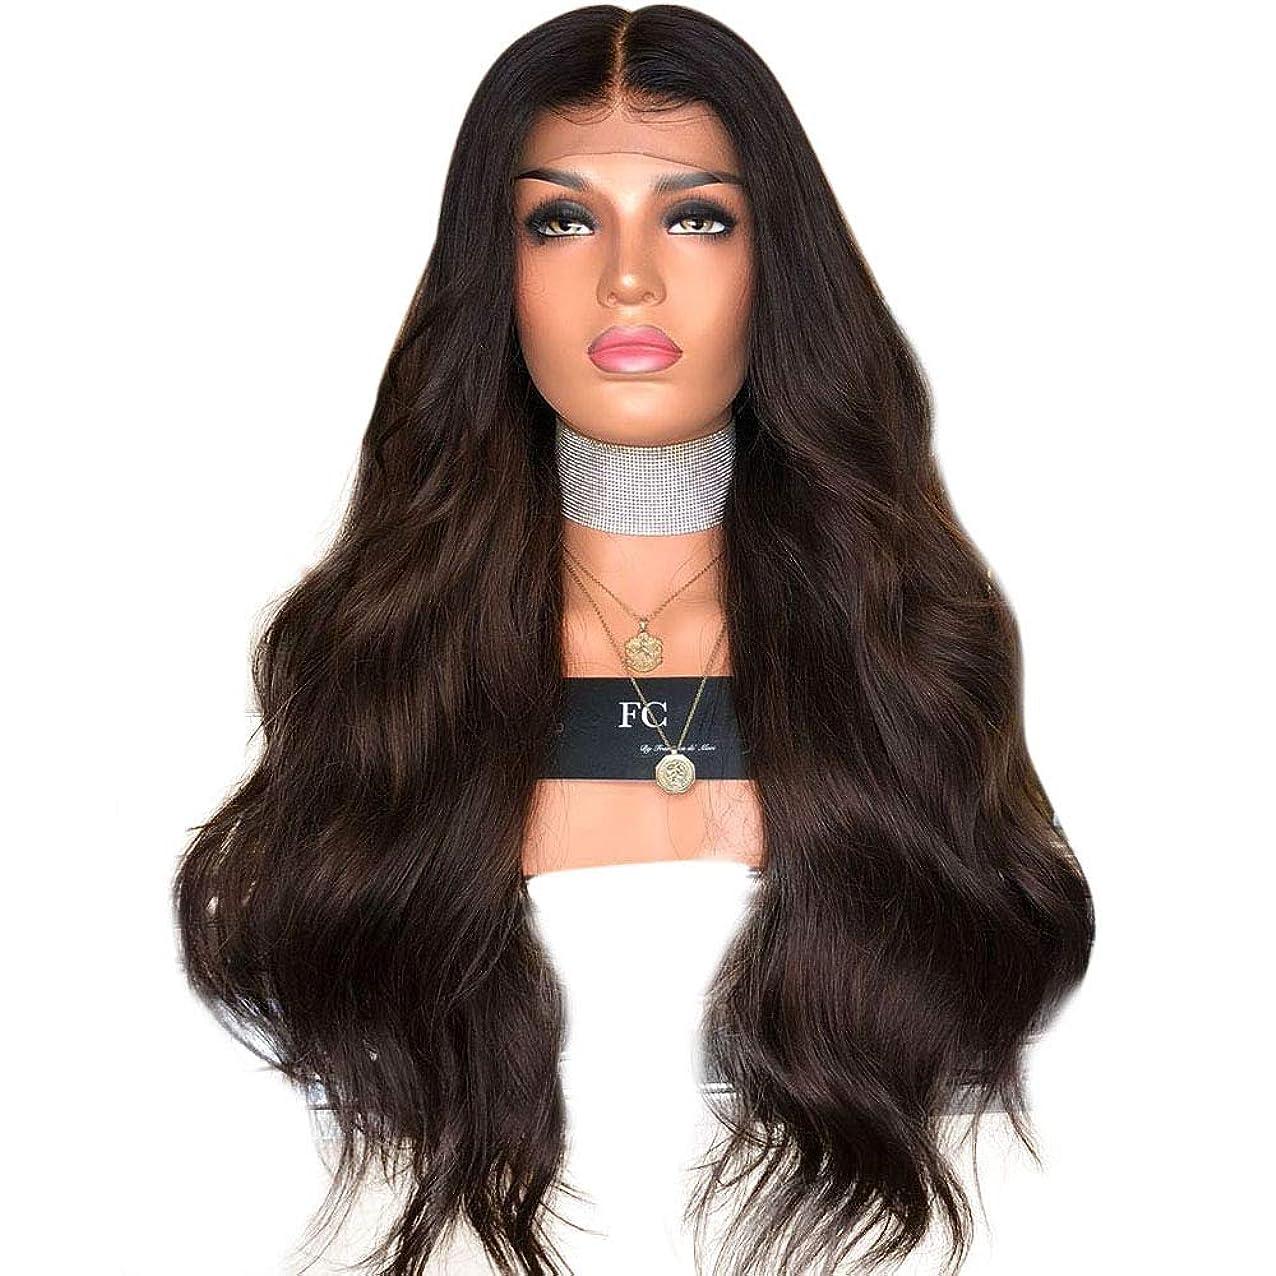 つぶやき条約大きなスケールで見るとYrattary 黒と茶色の色の長い巻き毛の女性のハイライトウィッグヘッドギア複合ヘアレースウィッグロールプレイングかつら (色 : Photo Color, サイズ : 65cm)